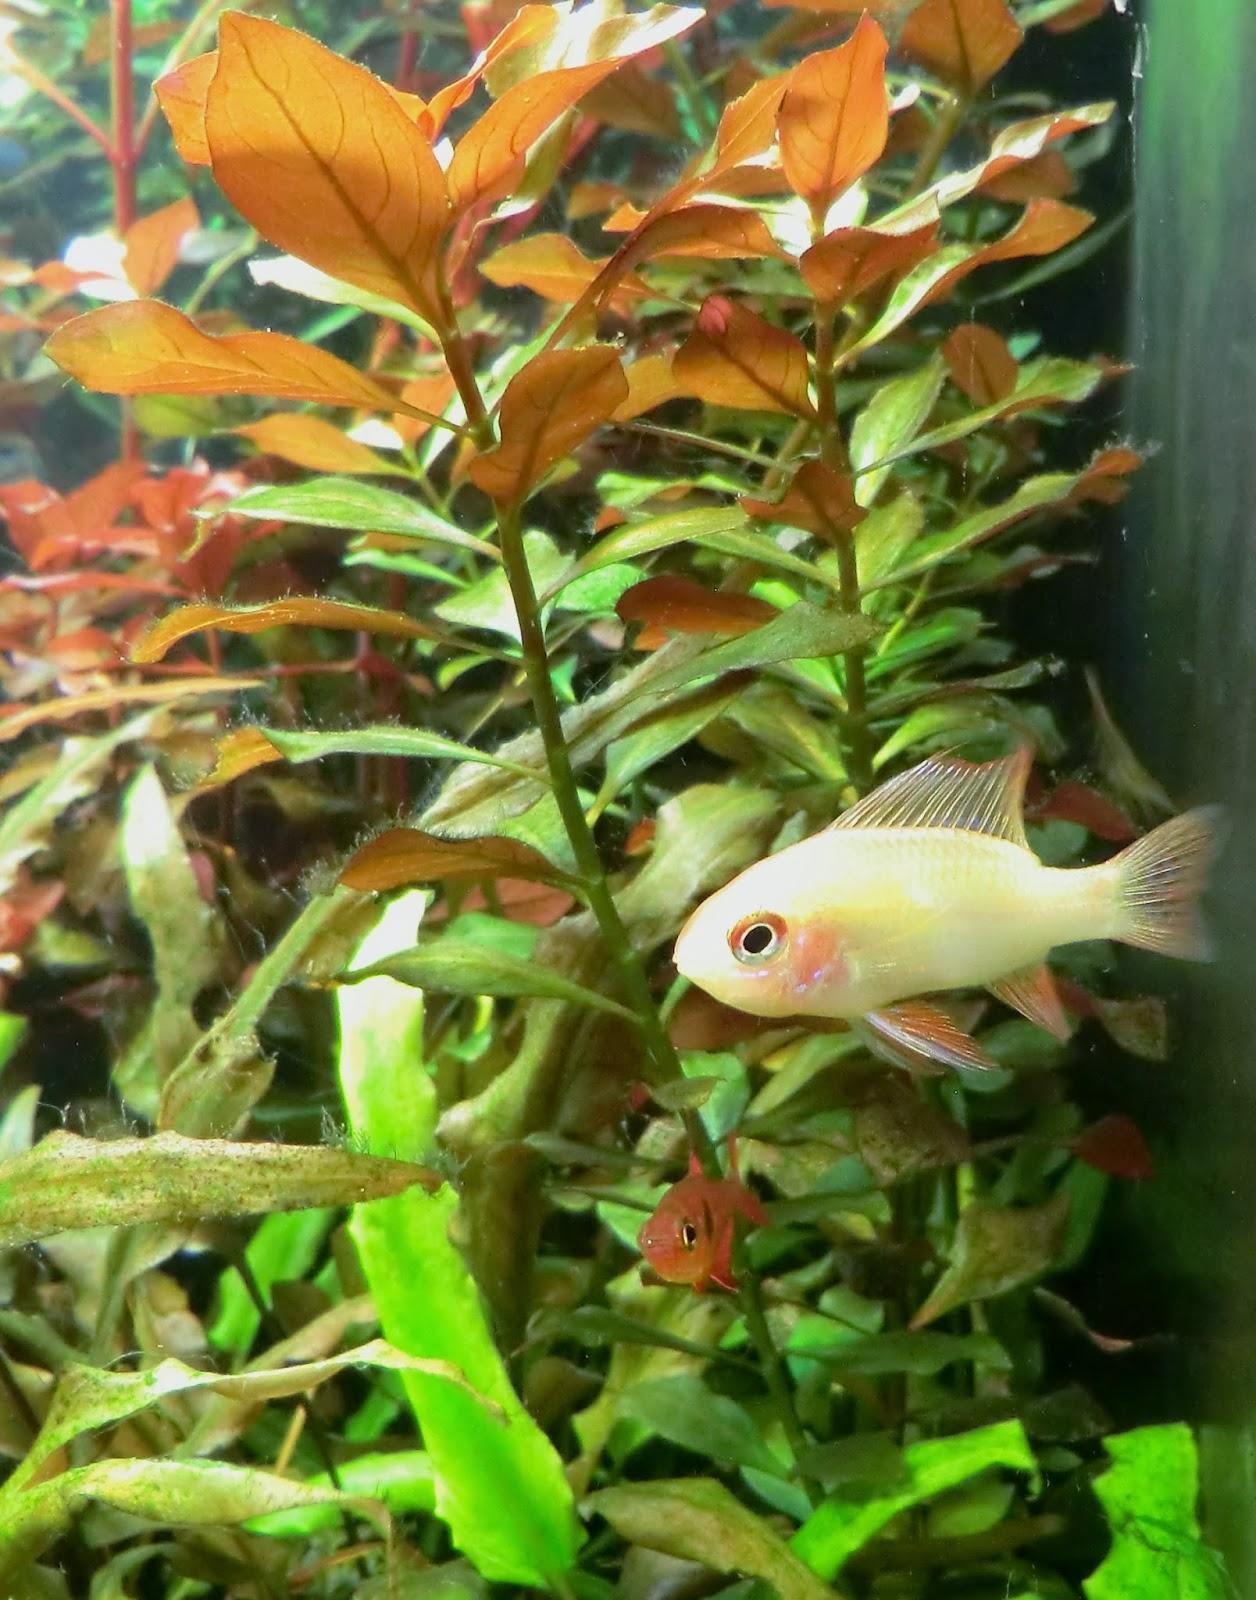 Mikrogeophagus, ramirezi, Ram, Chiclid, care, tank, size, companions,